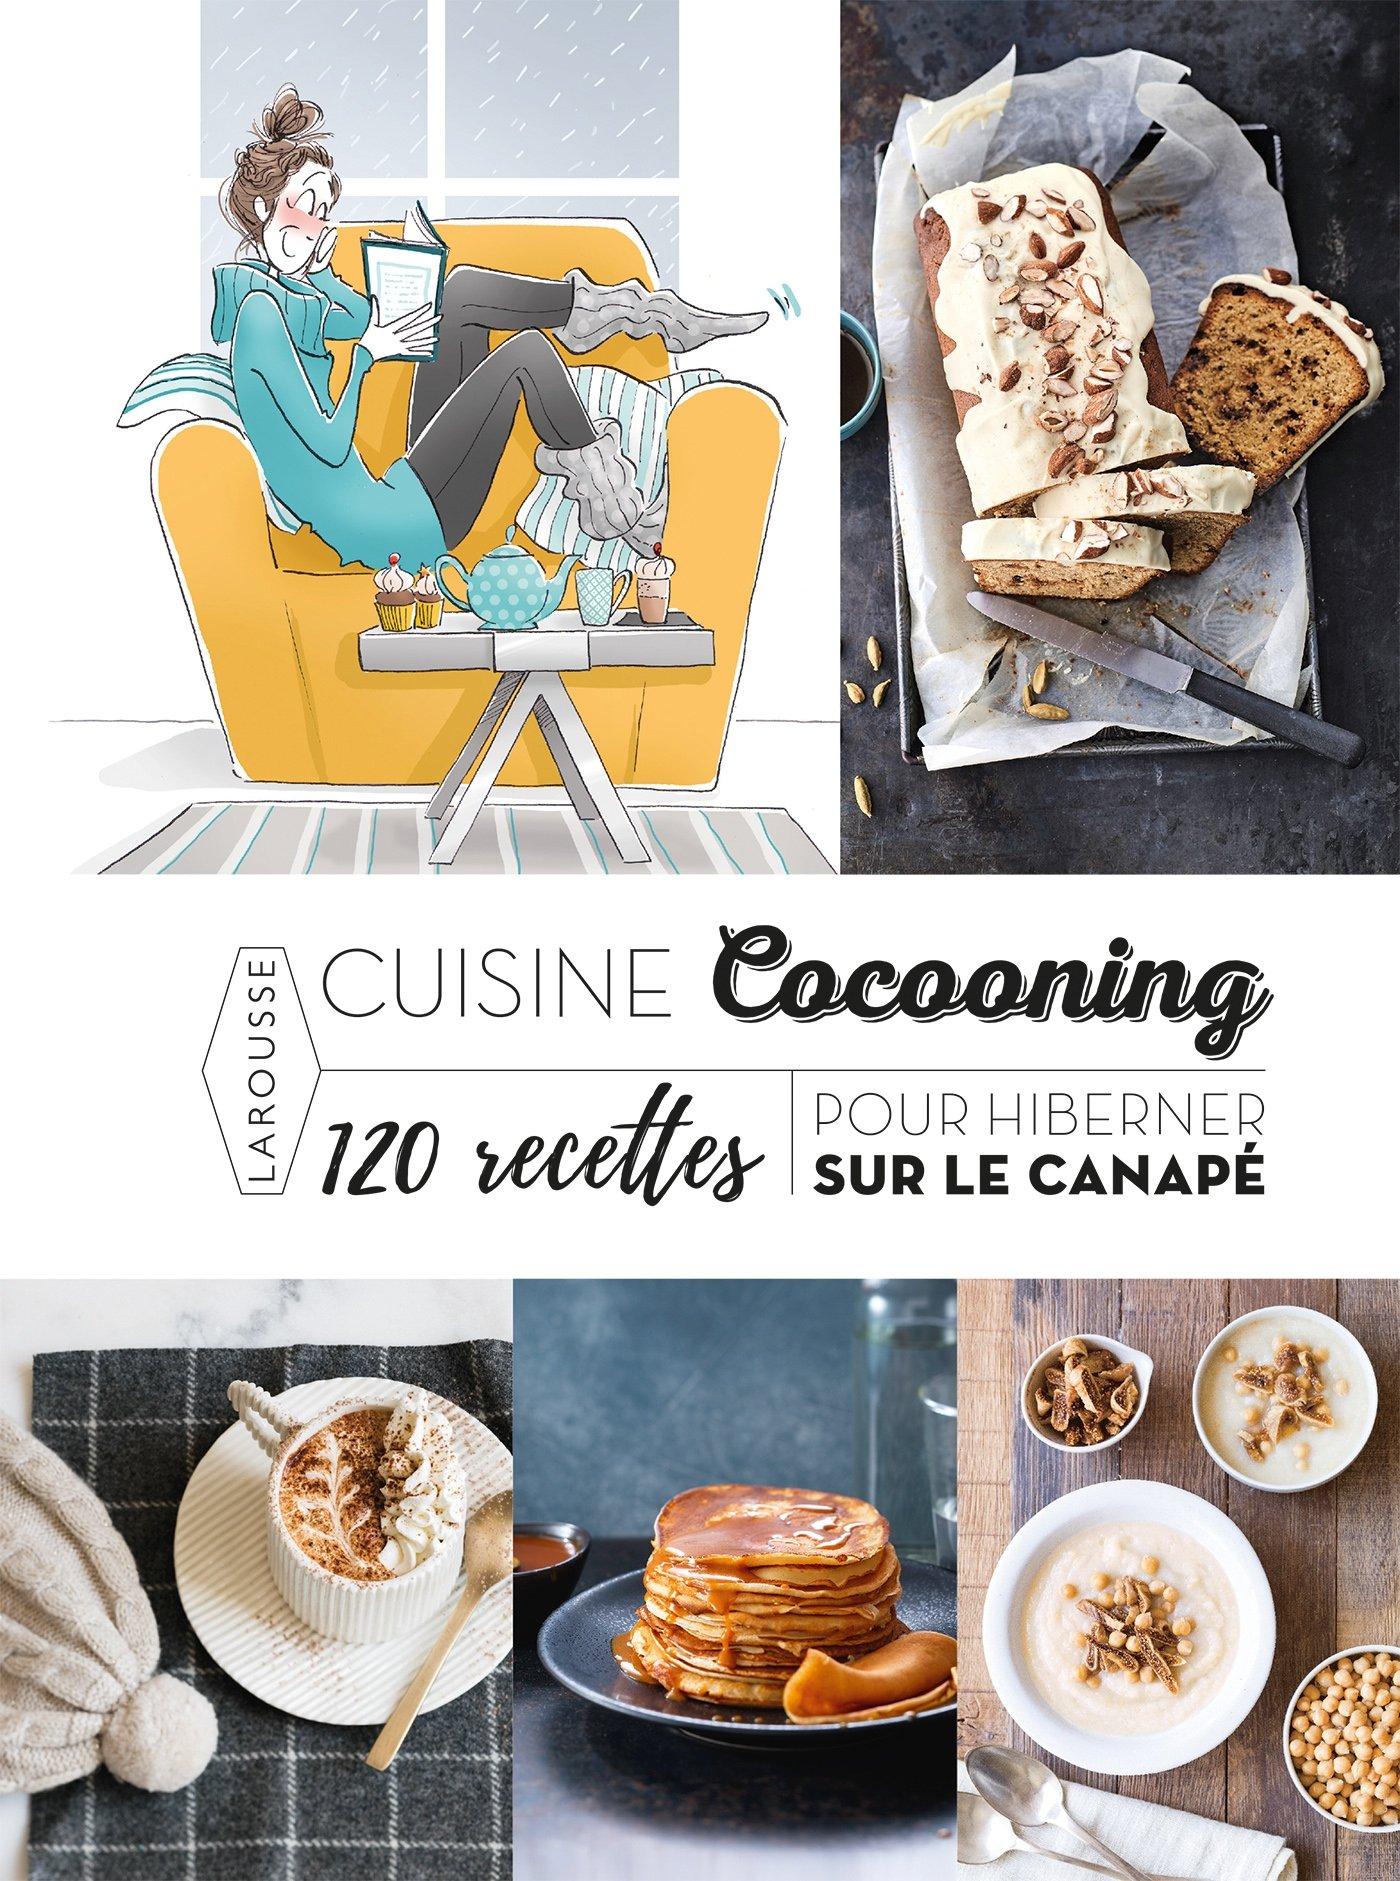 Amazonin Buy Cuisine Cocooning Recettes Pour Hiberner Sur Le - Cuisine cocooning